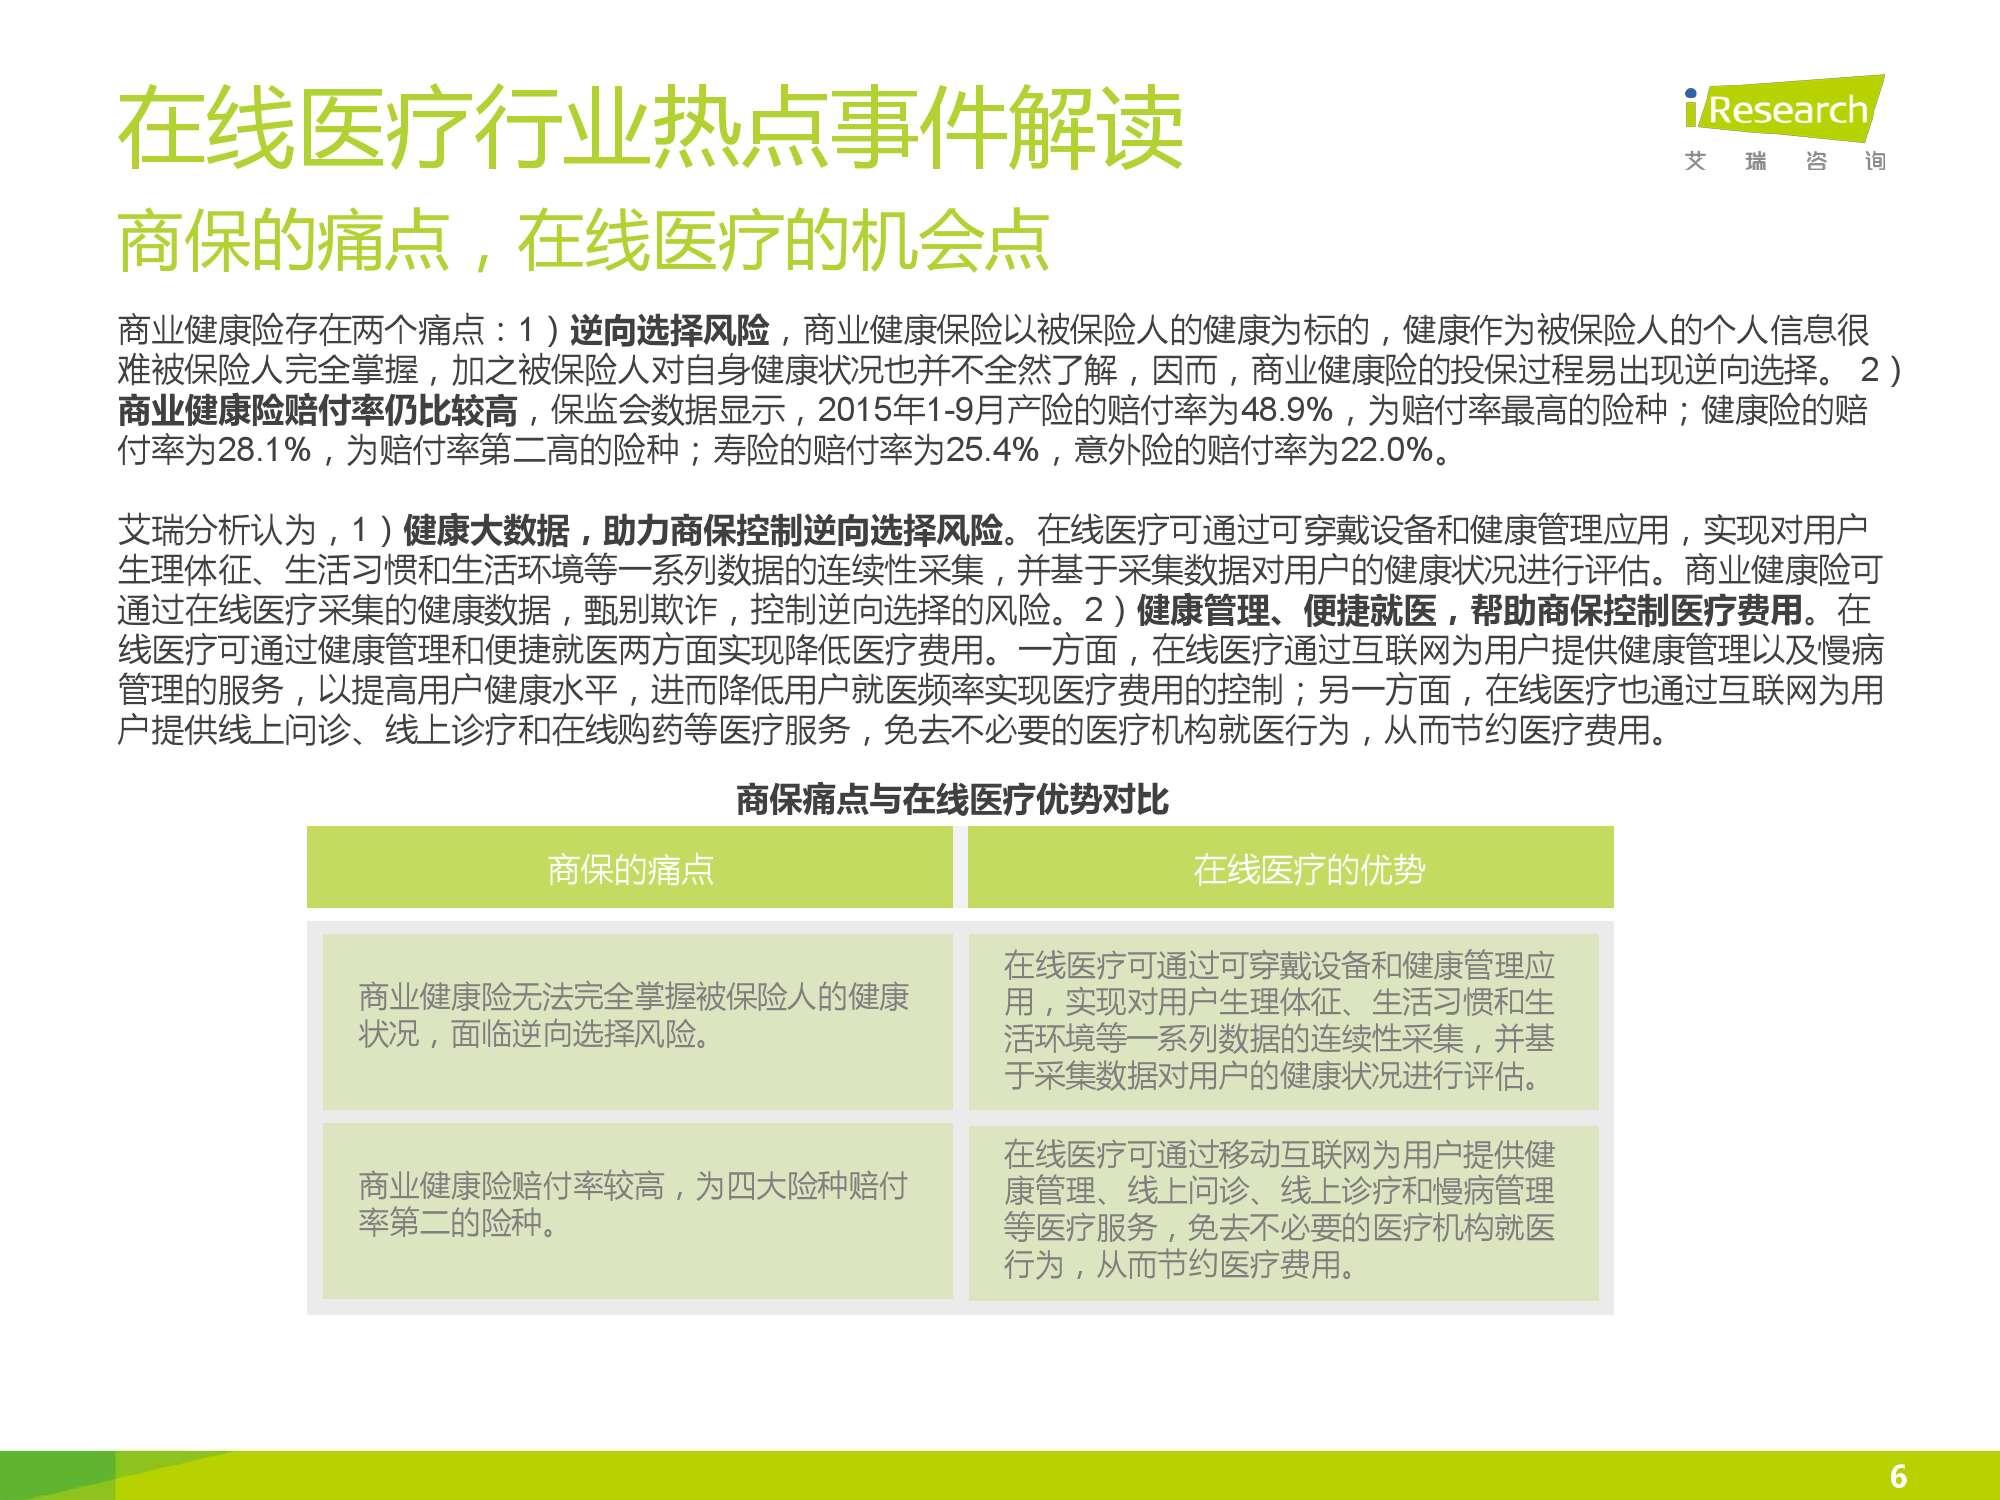 2016年中国在线医疗行业数据监测报告_000006